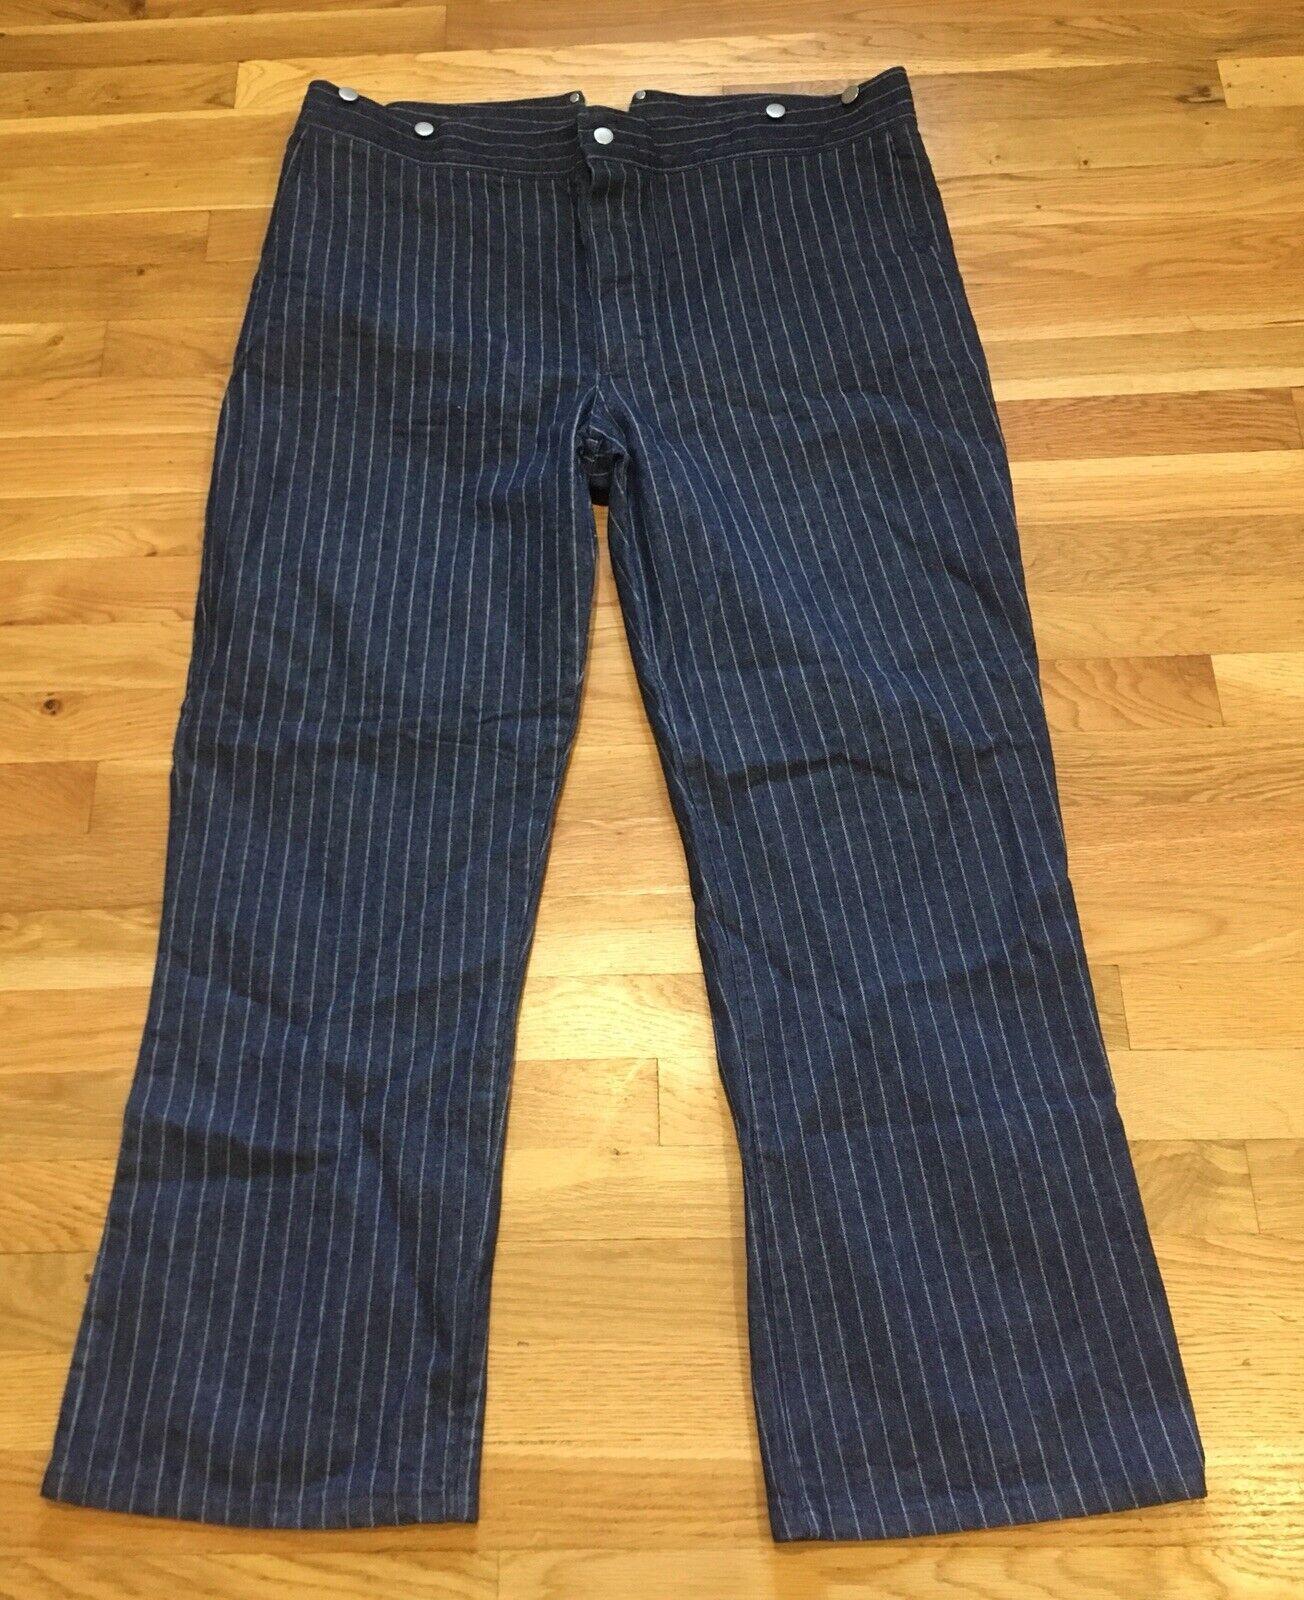 Cowboy Corral Blue Pinstripe Western Steampunk Denim Pants Size 42 x 31